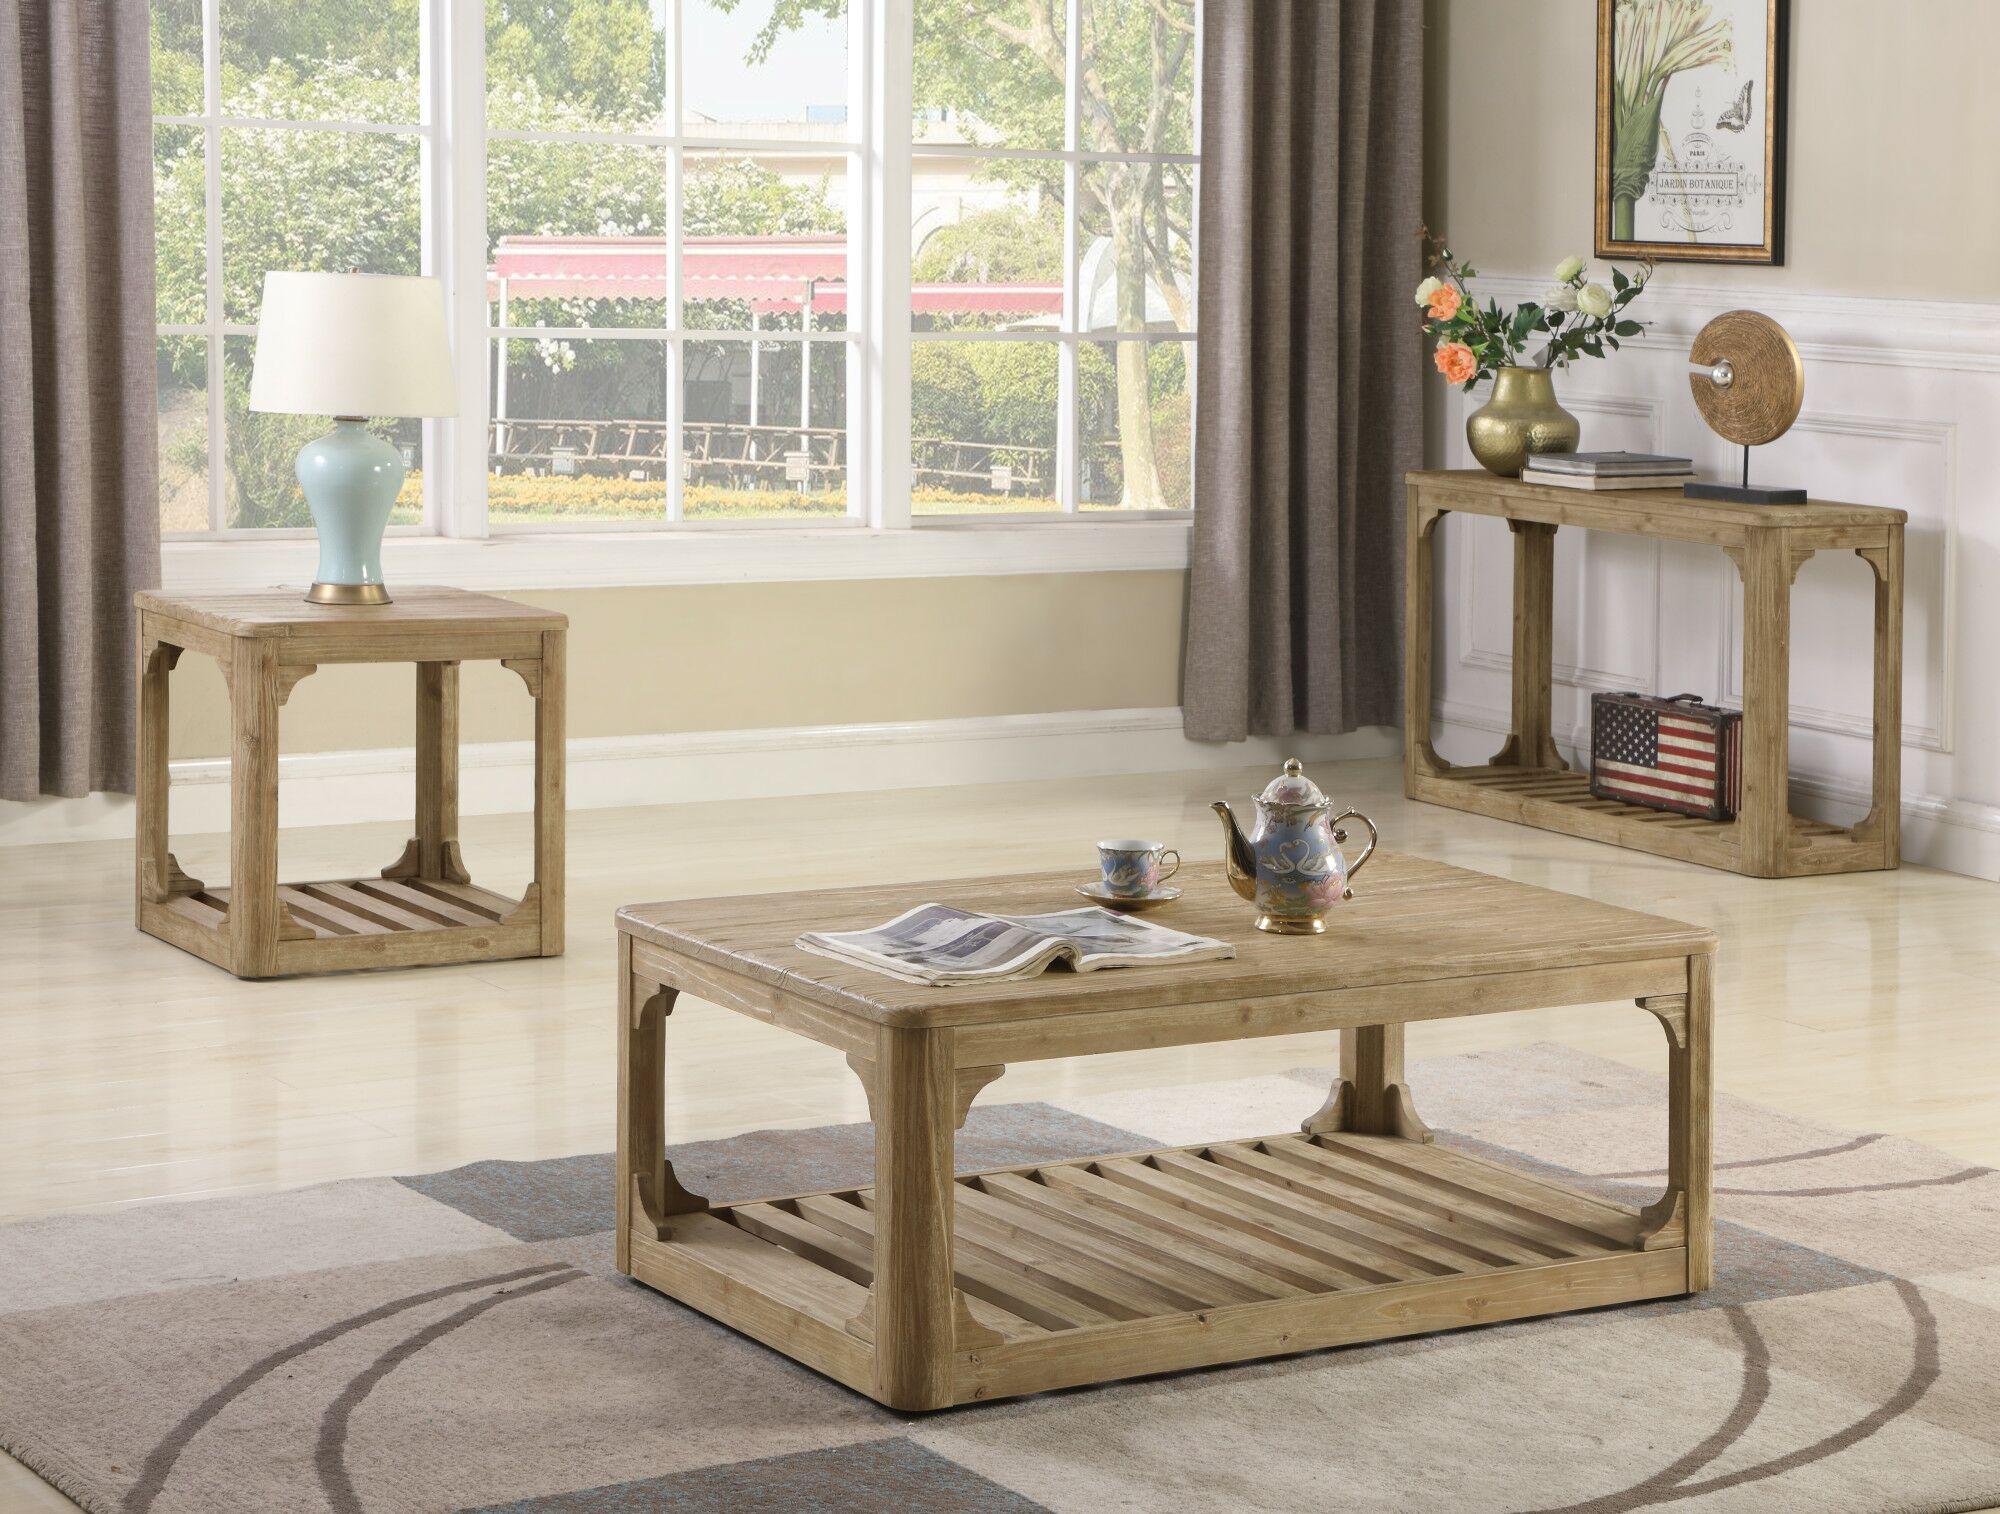 Girardi 2 Piece Coffee Table Set